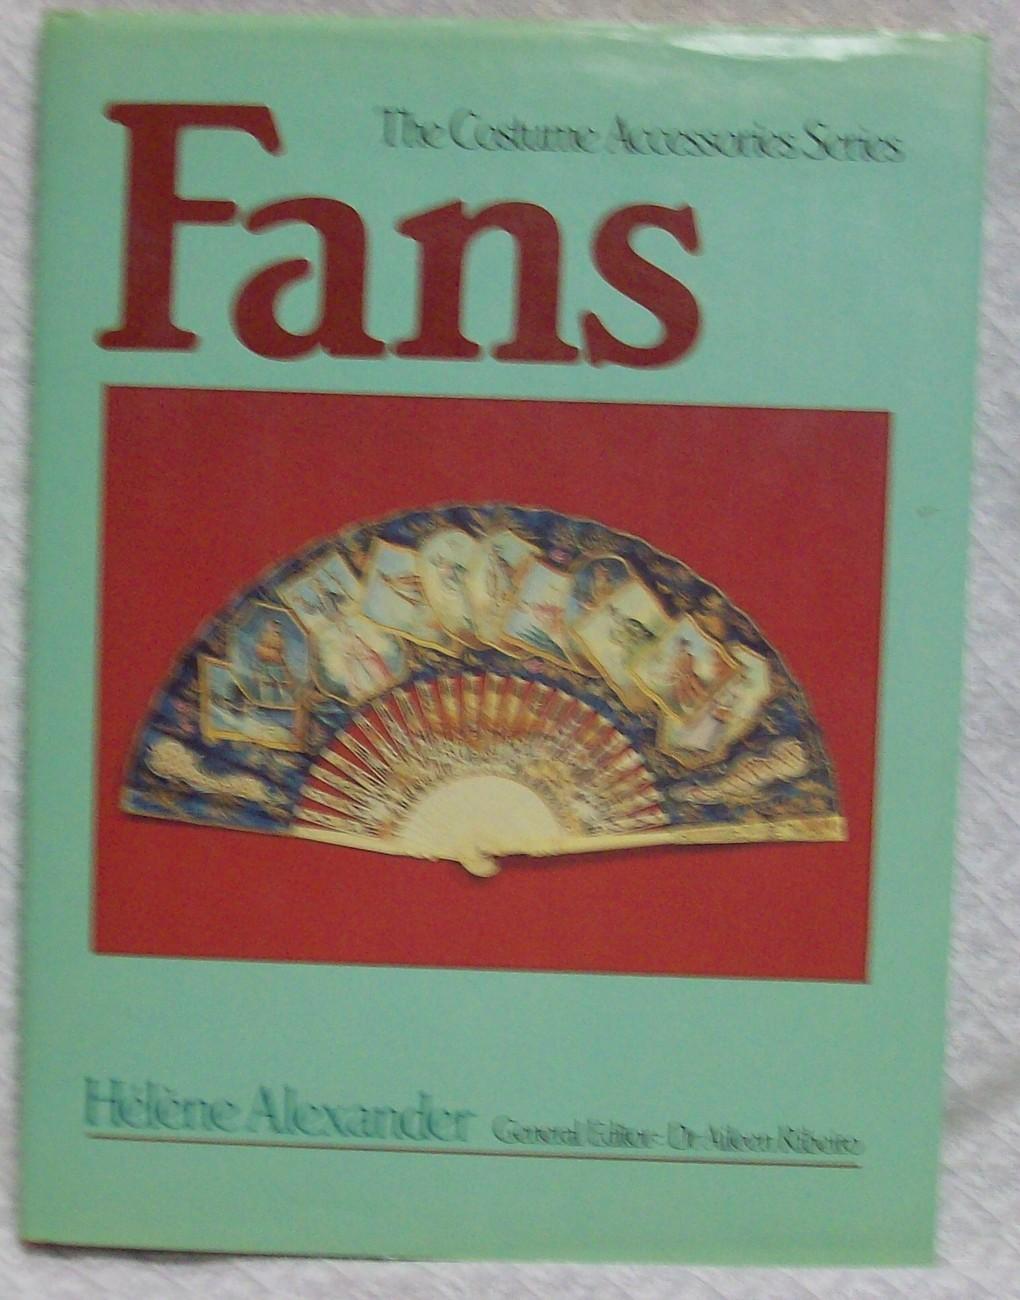 Fans by Alexander Helene